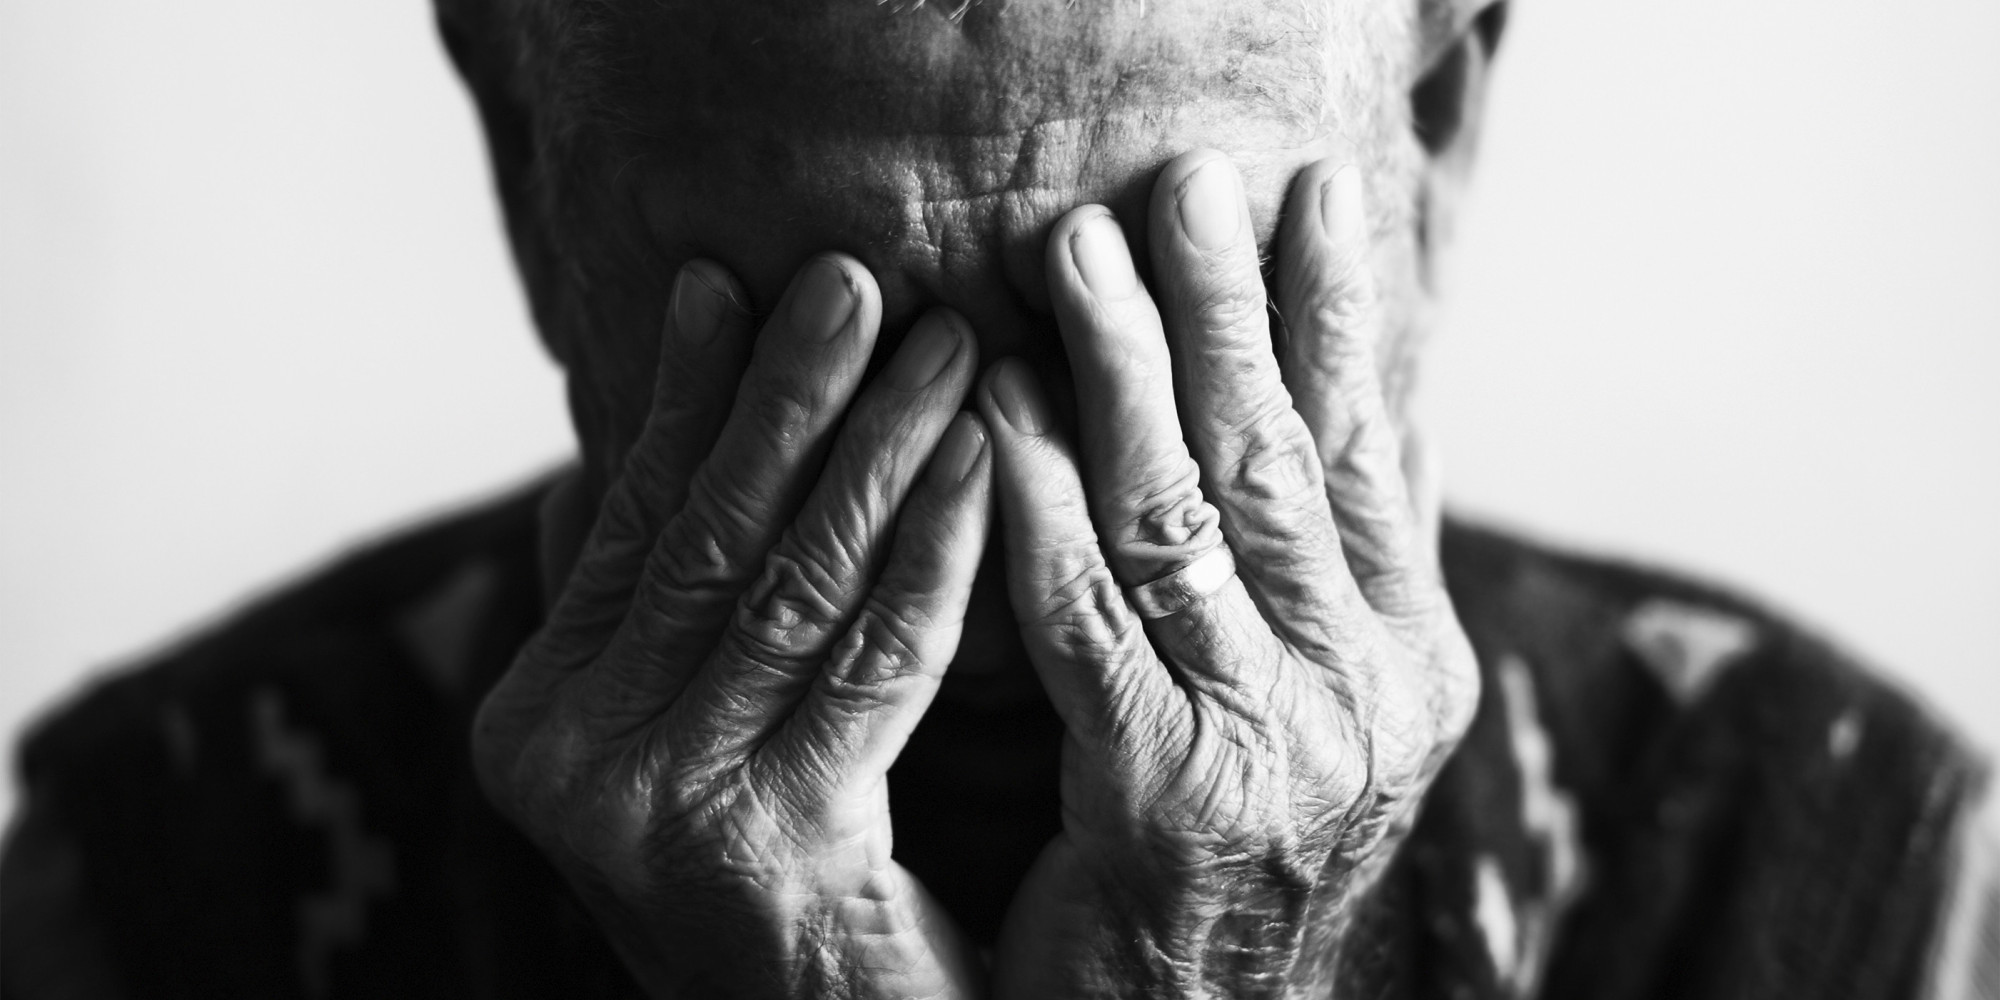 abandonó a su padre con Alzheimer en un aeropuerto